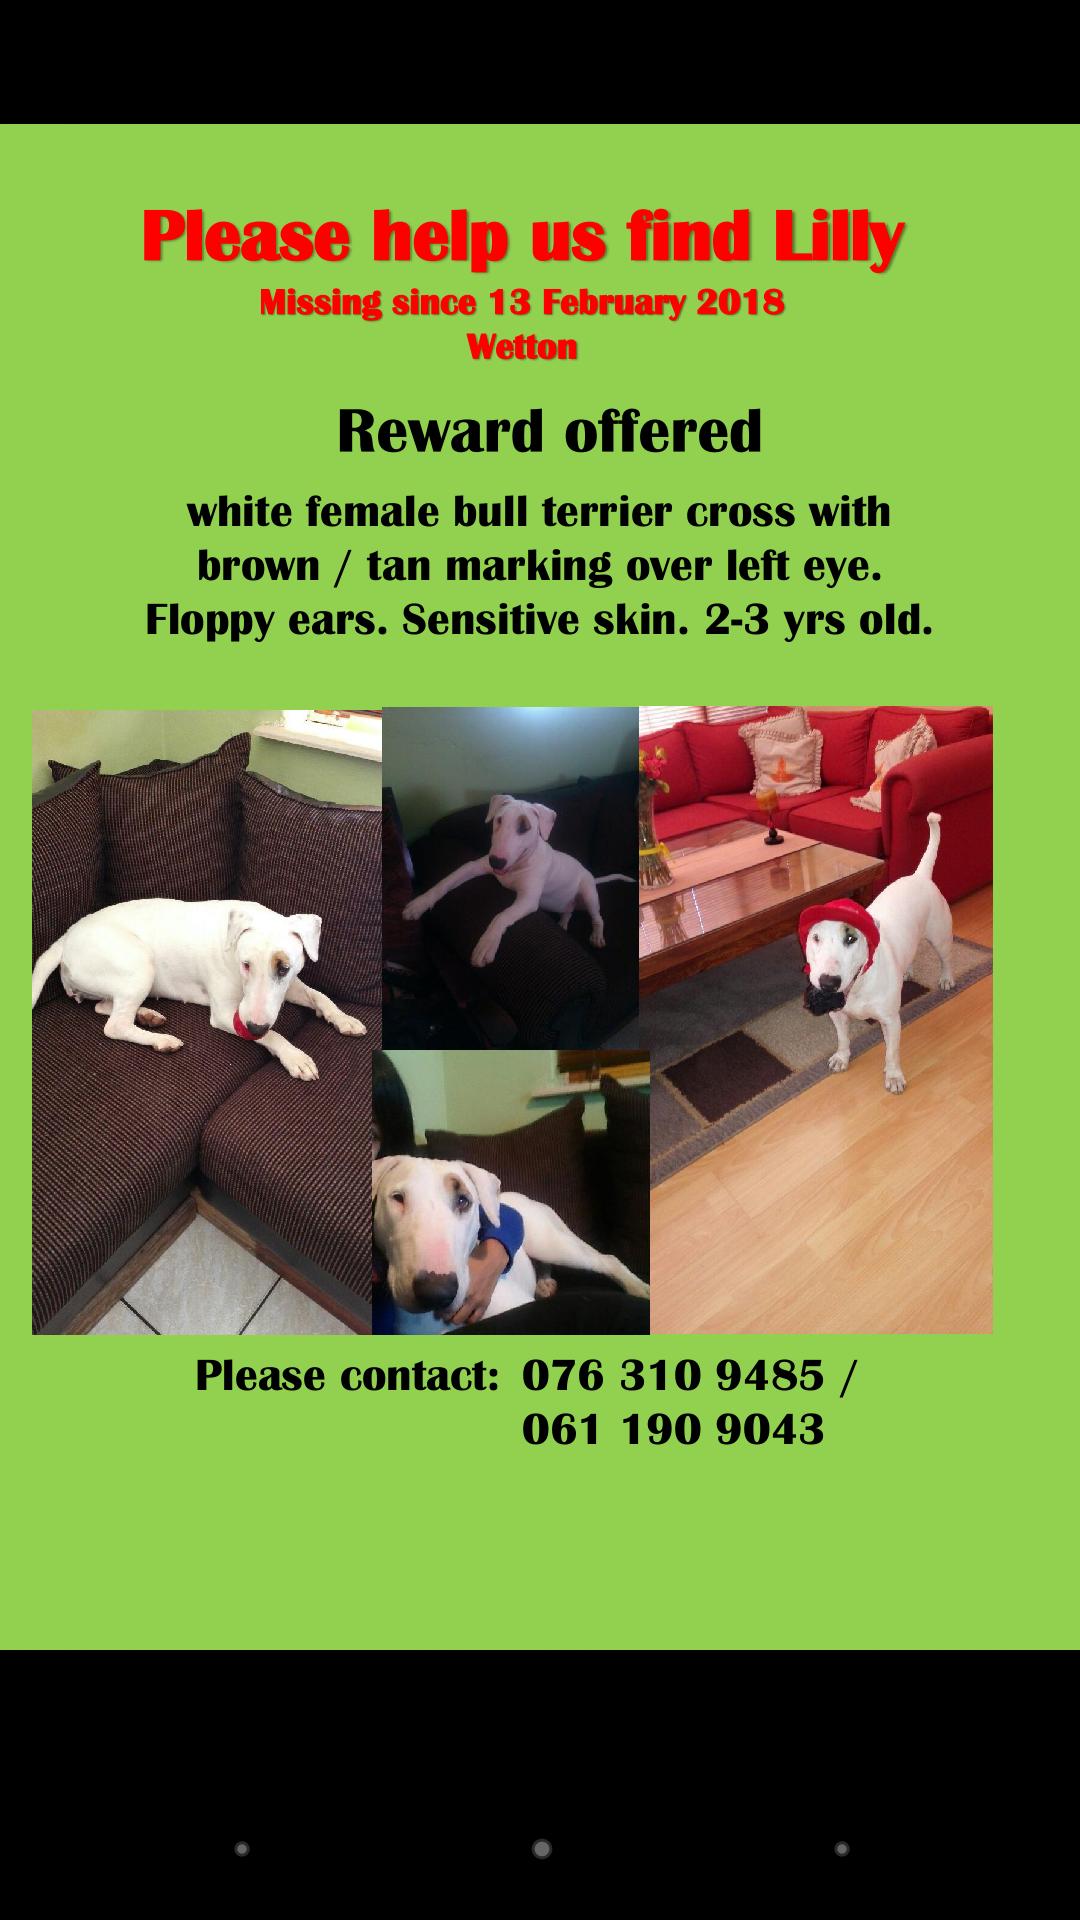 Missing: White female bull terrier